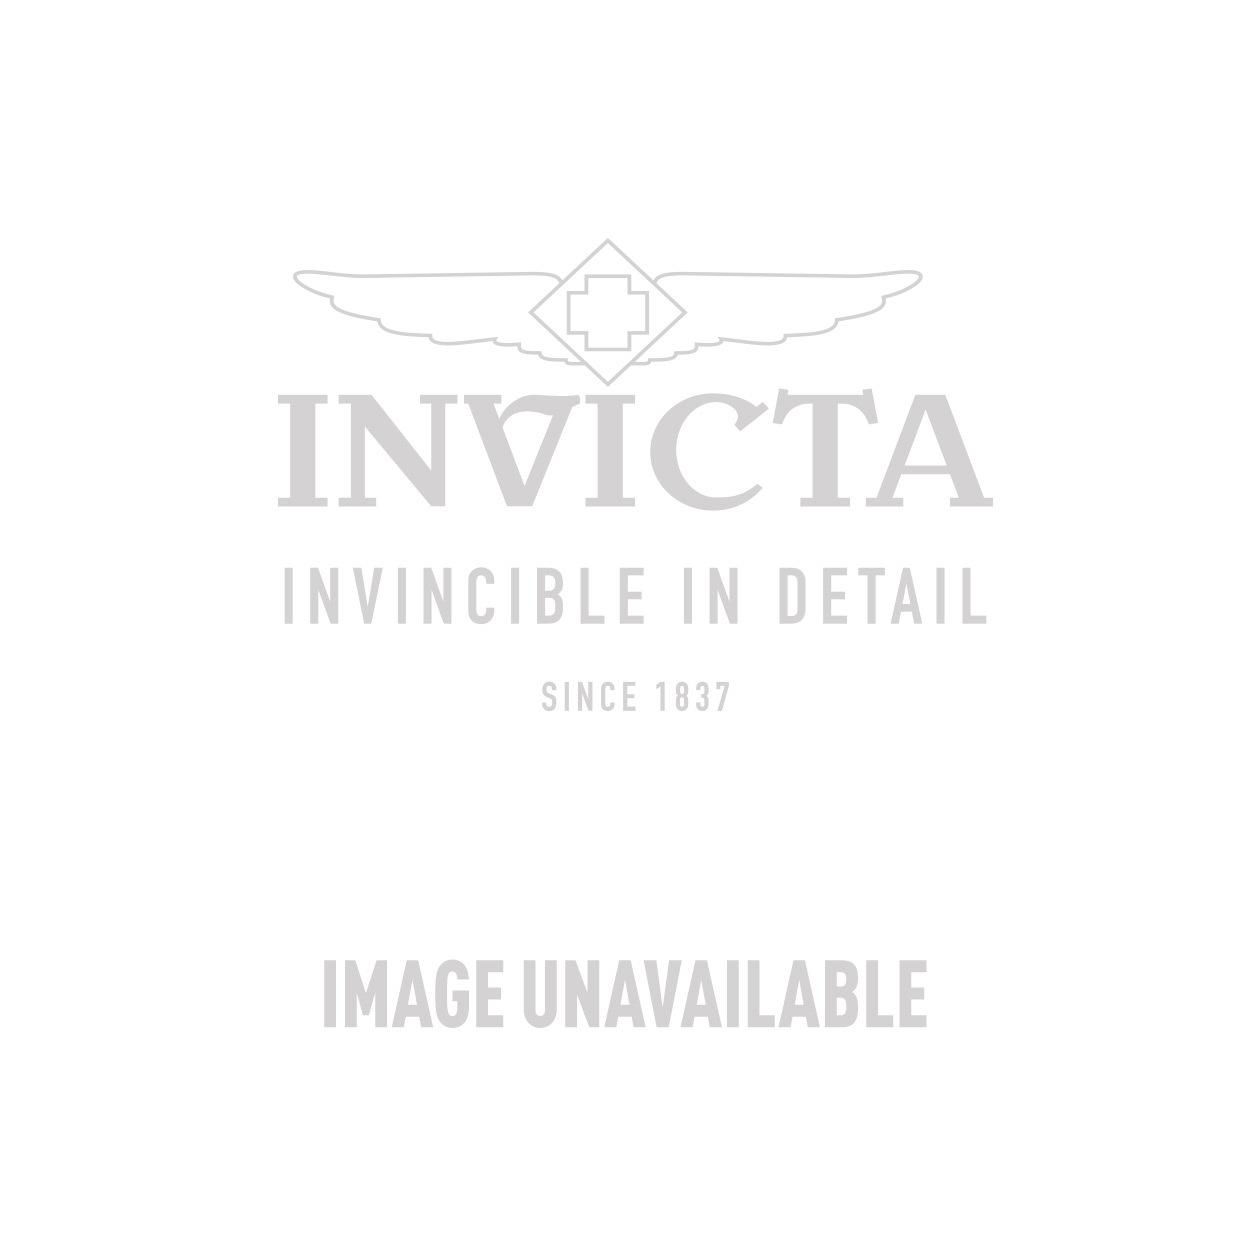 Invicta Model  26673